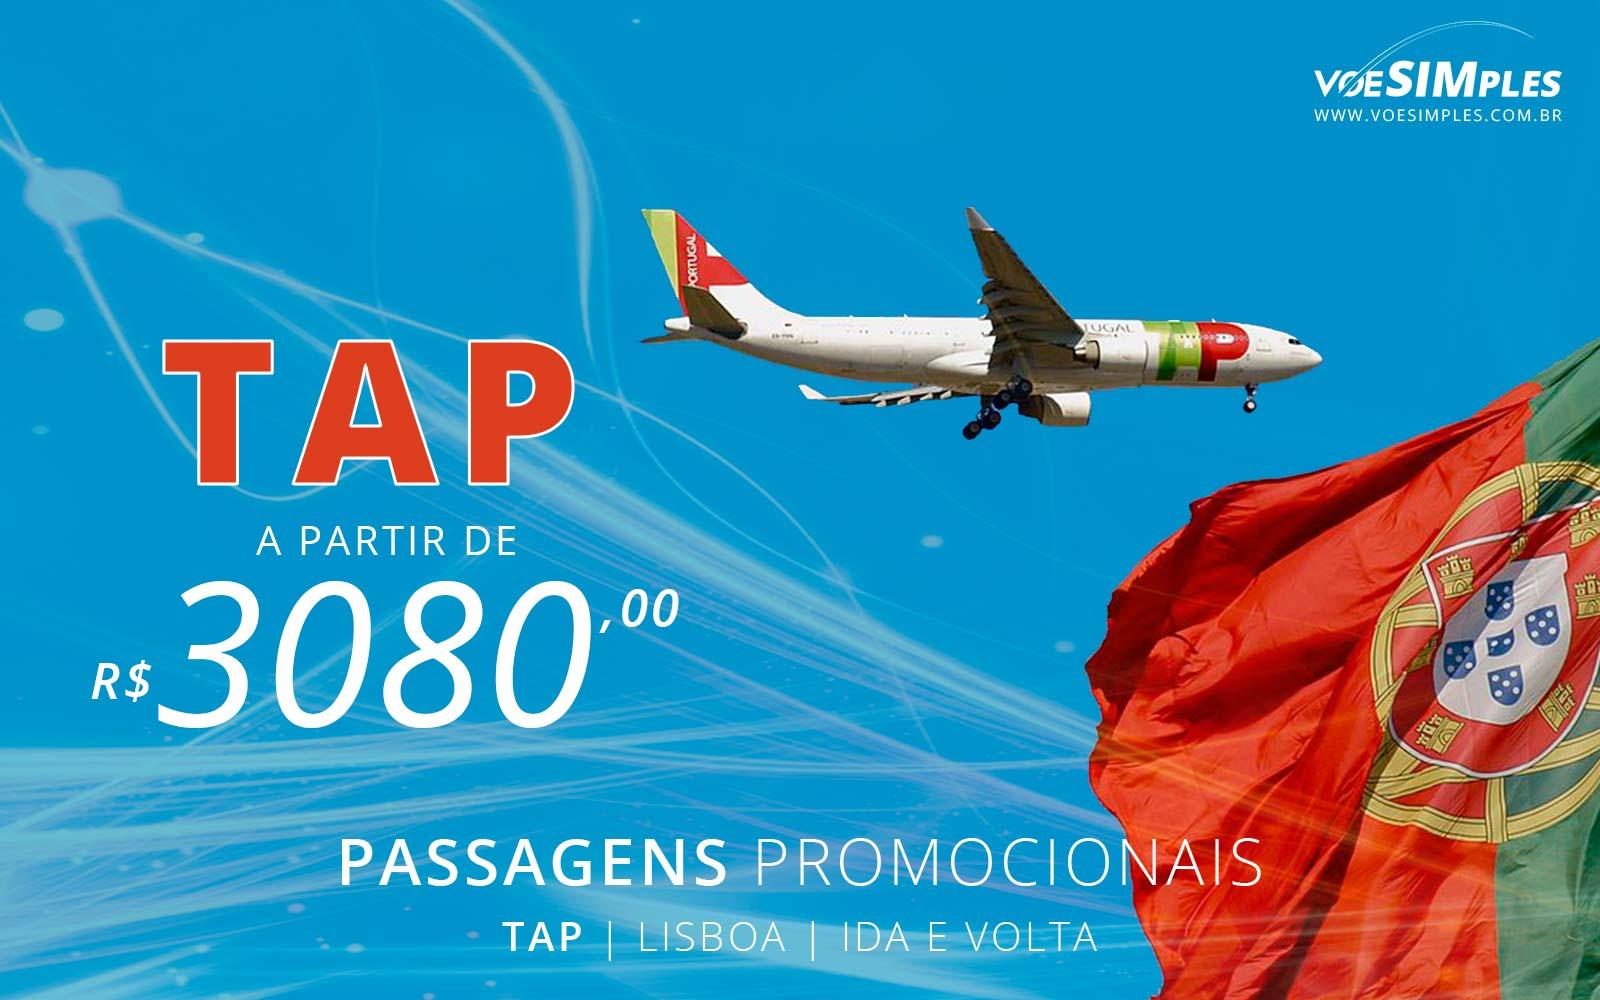 Passagem aérea promocional TAP